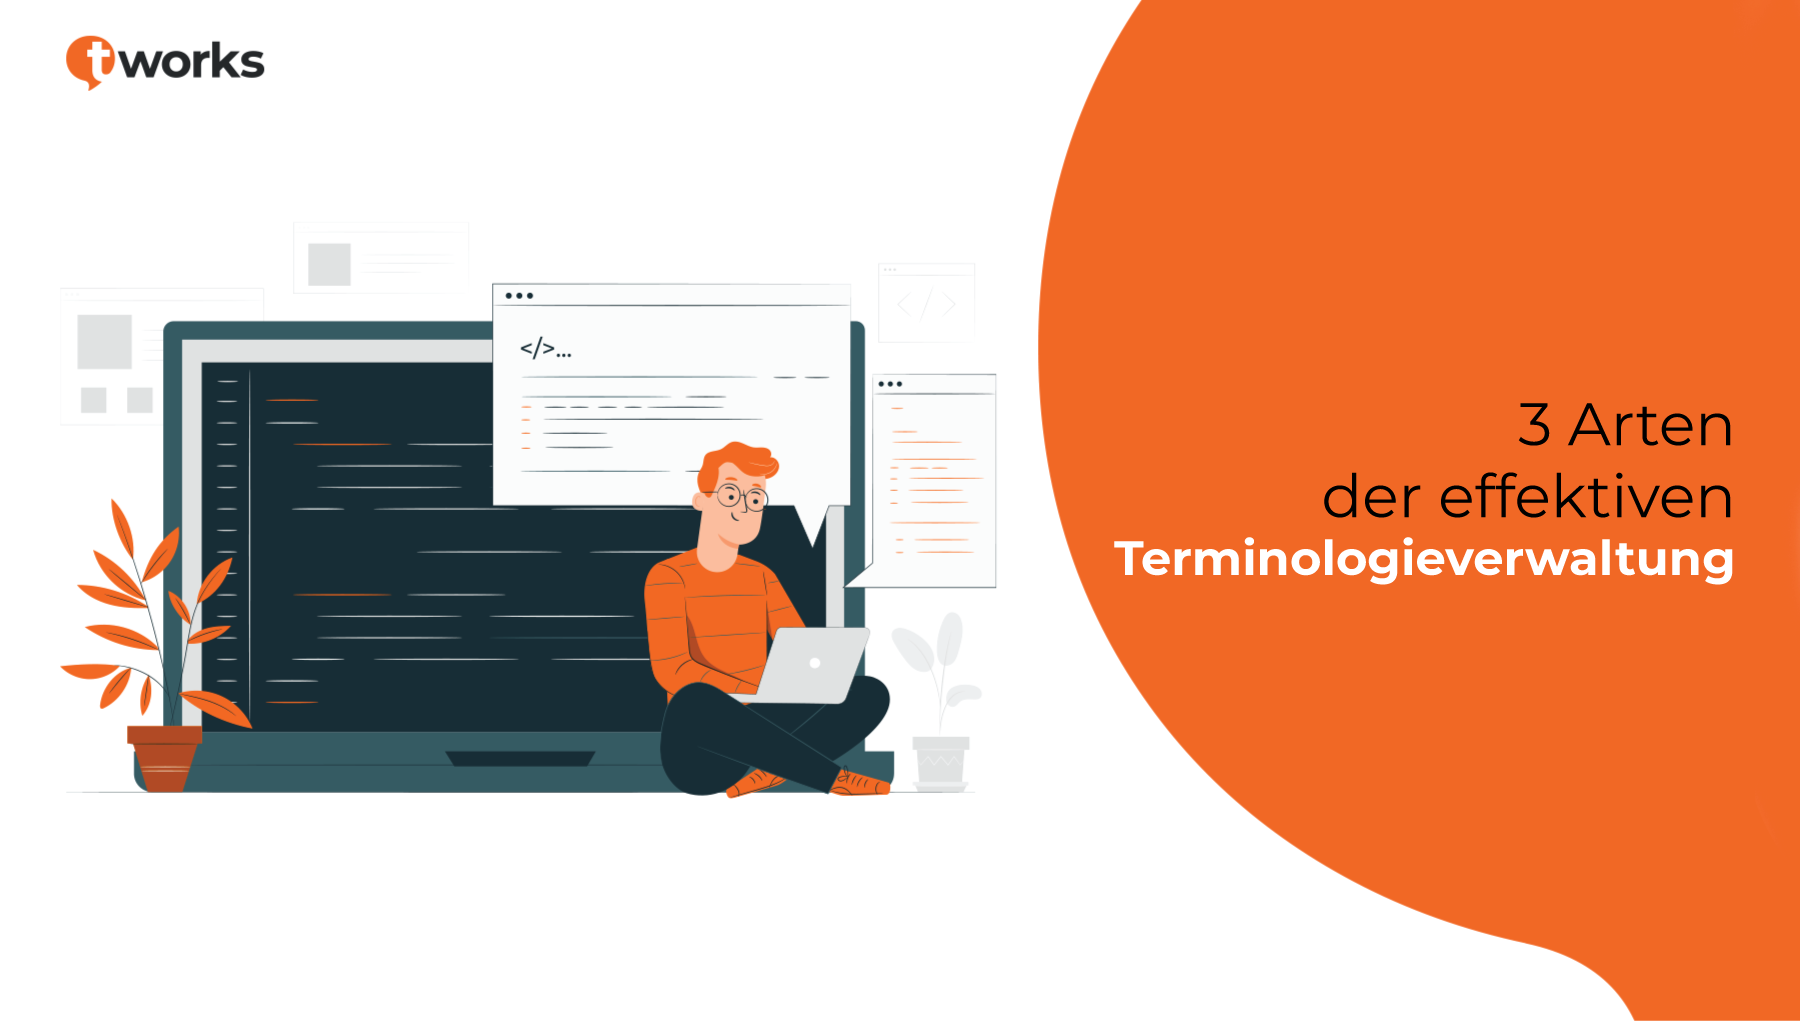 effekzive Terminologieverwaltung bei t'works